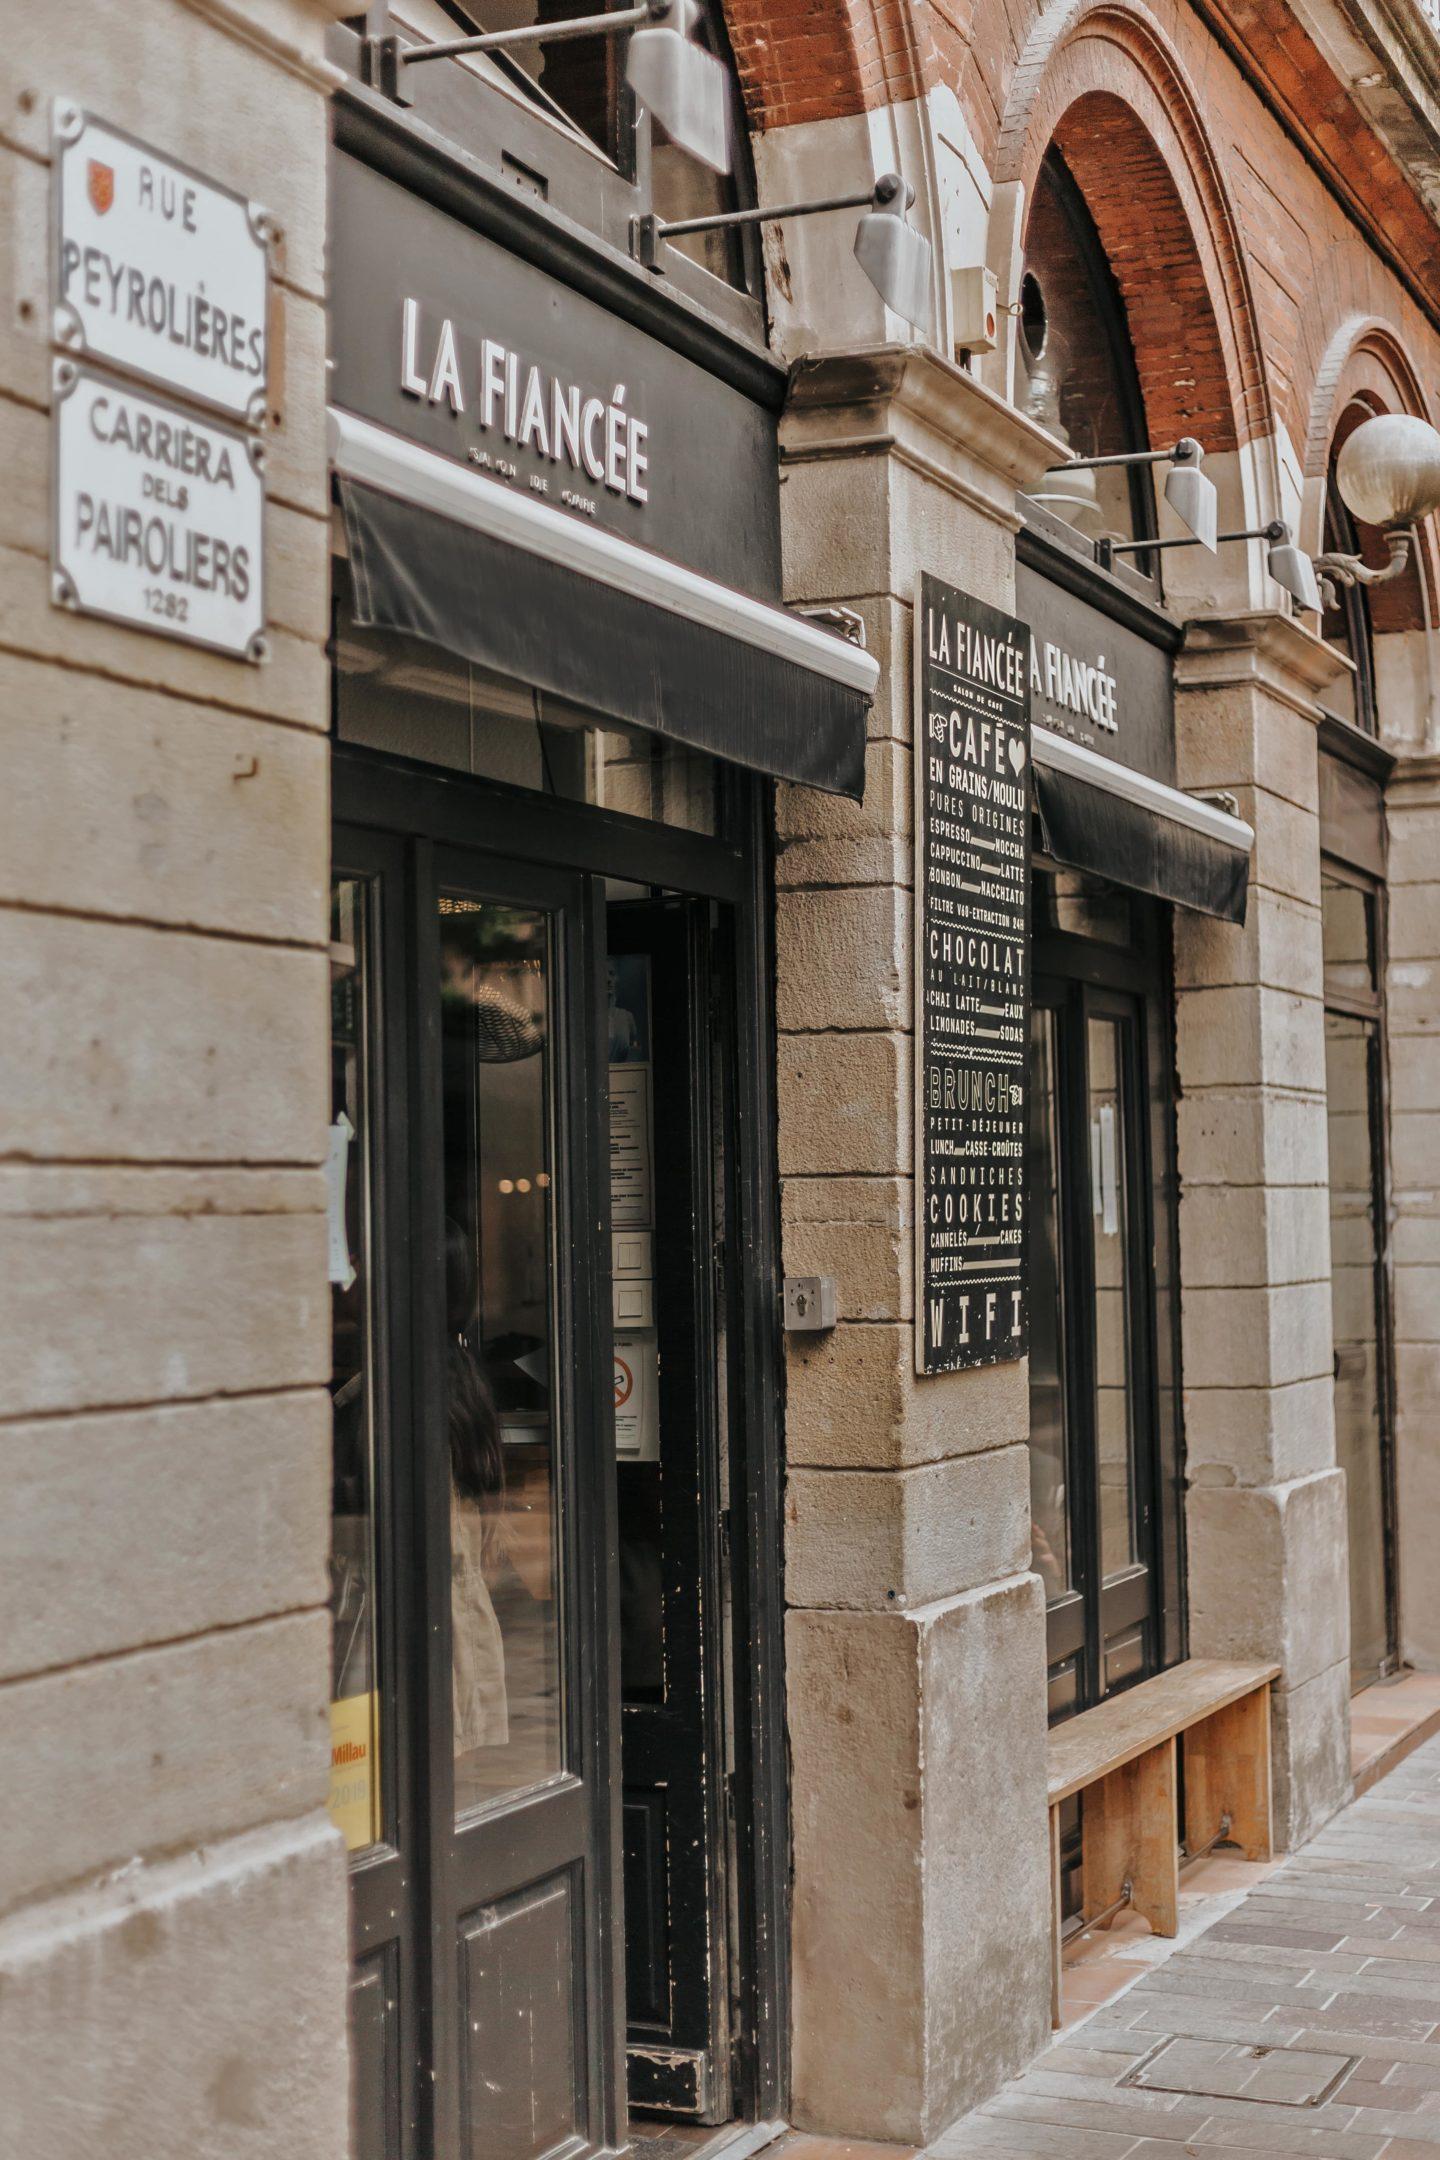 La fiancée, devanture, salon de thé, Toulouse.